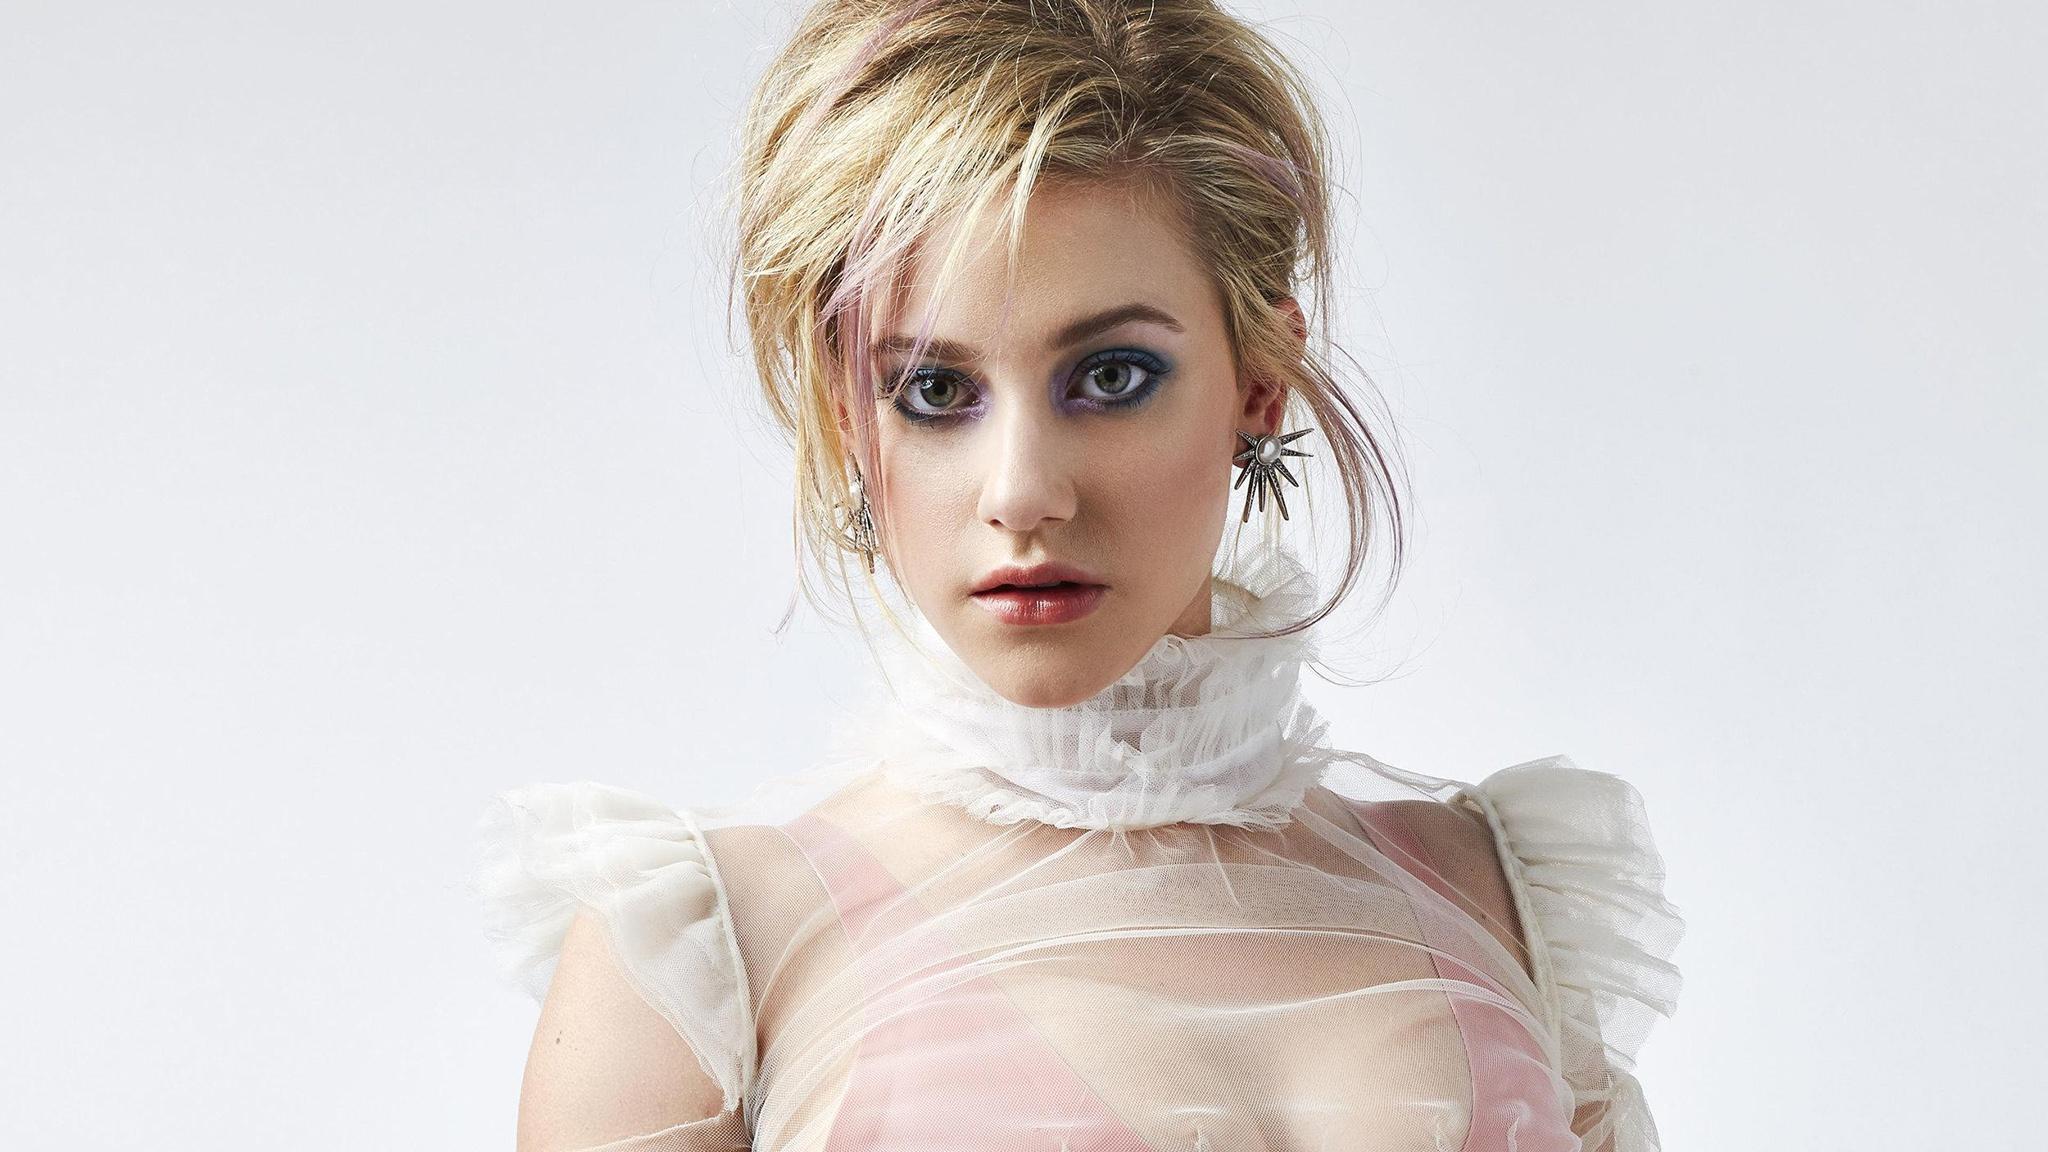 makeup portrait model blonde simple background women